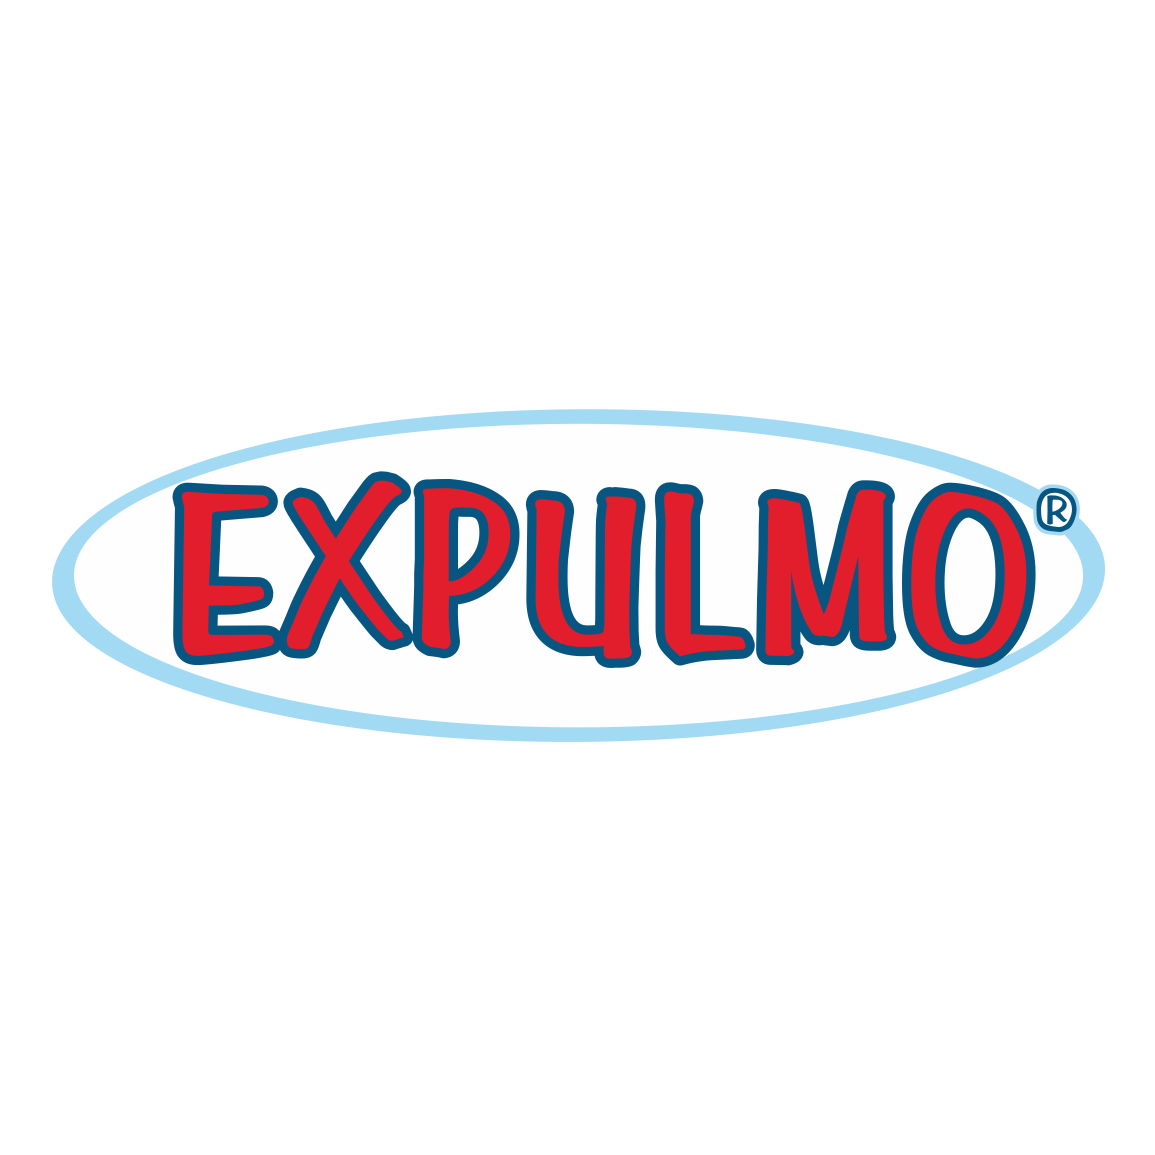 expulmo